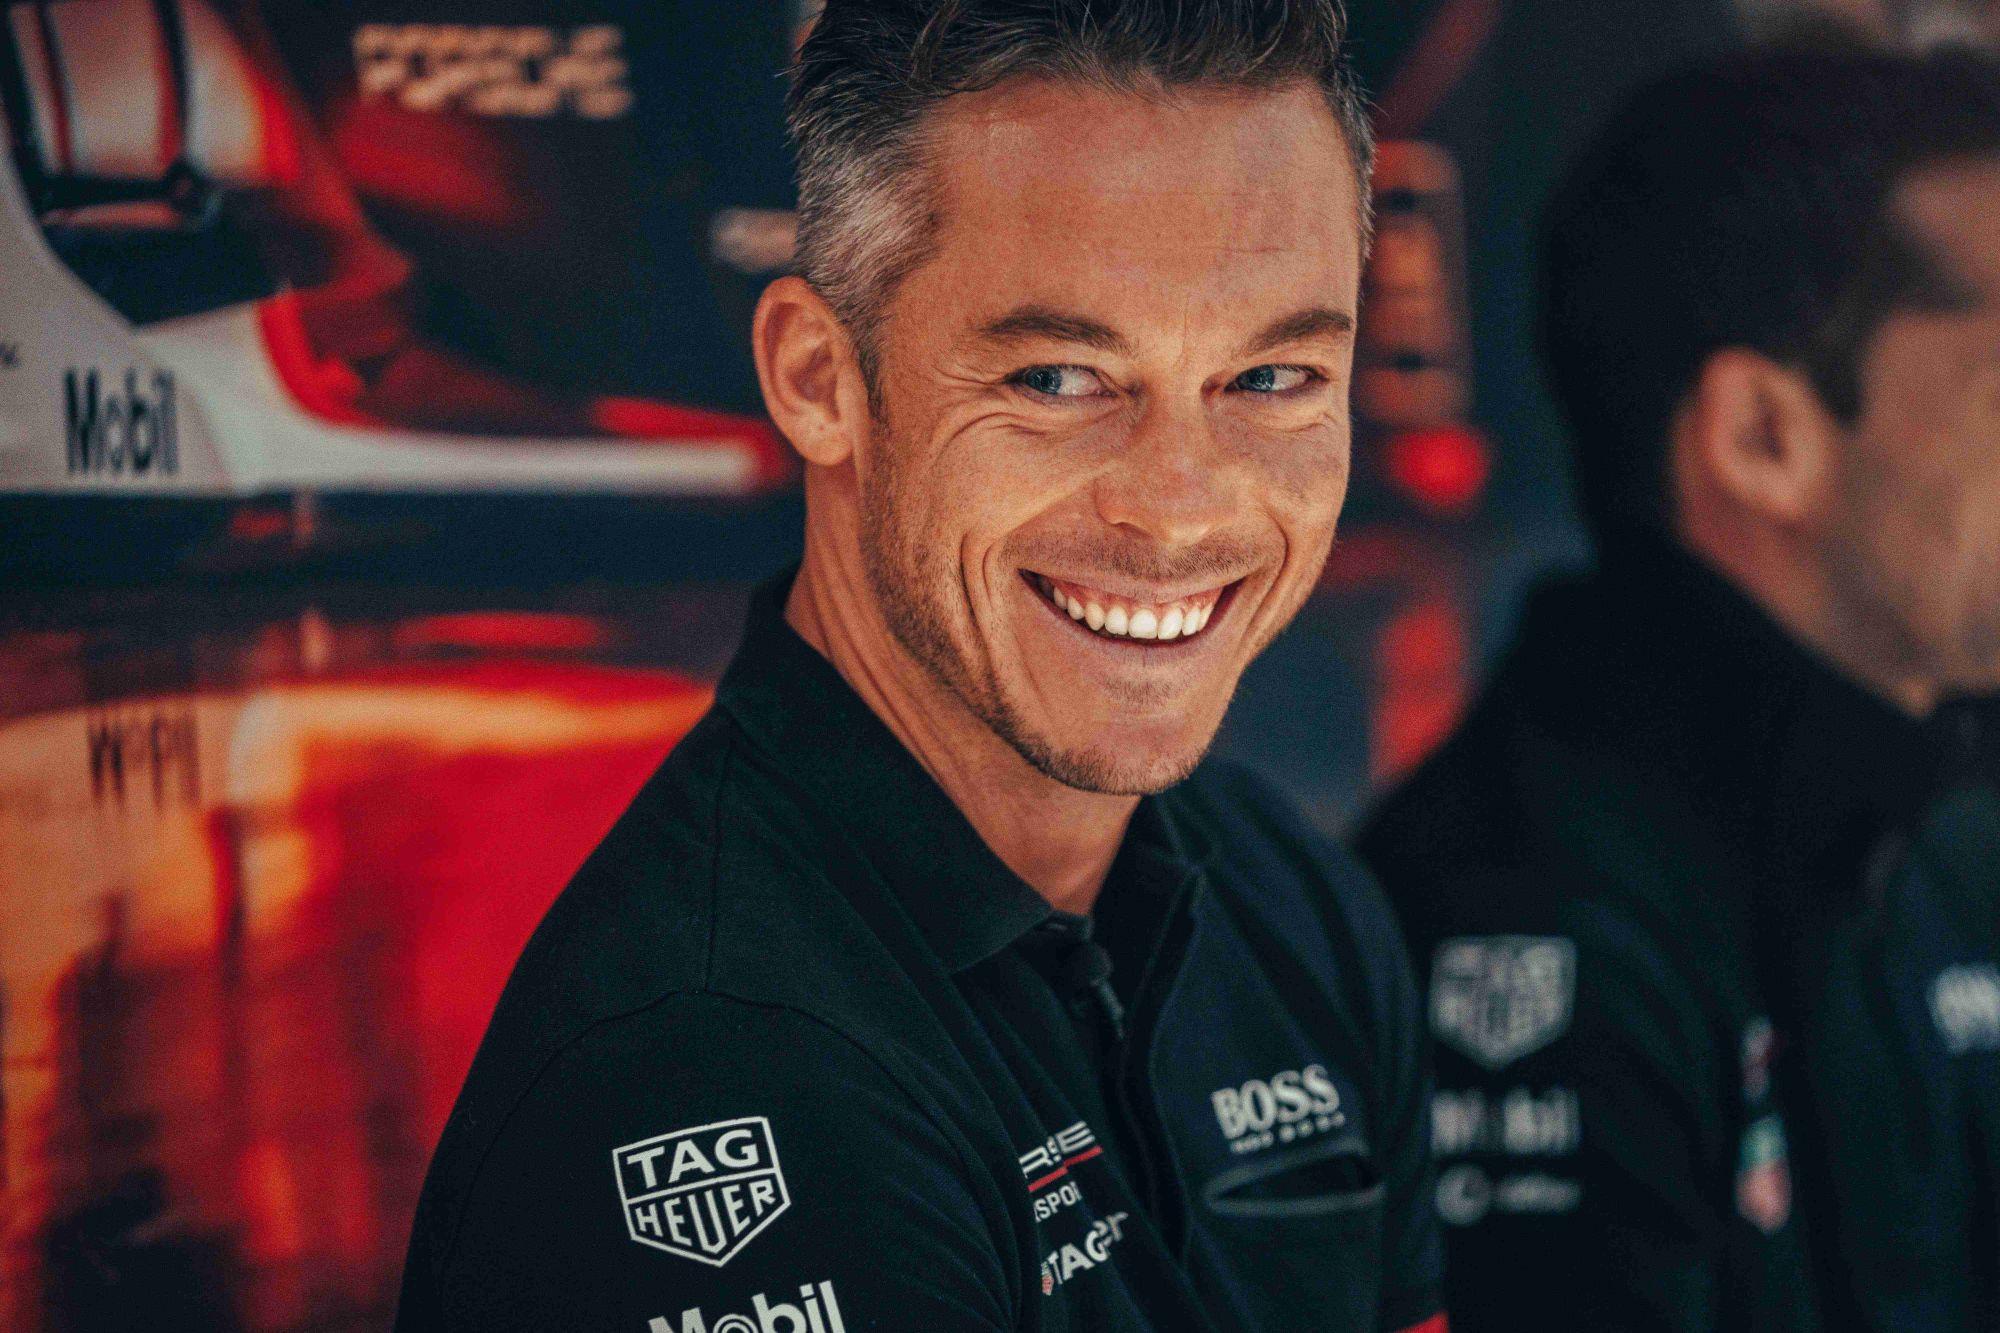 Porsche極速震撼摩洛哥!保時捷全力迎戰電動方程式第五回合